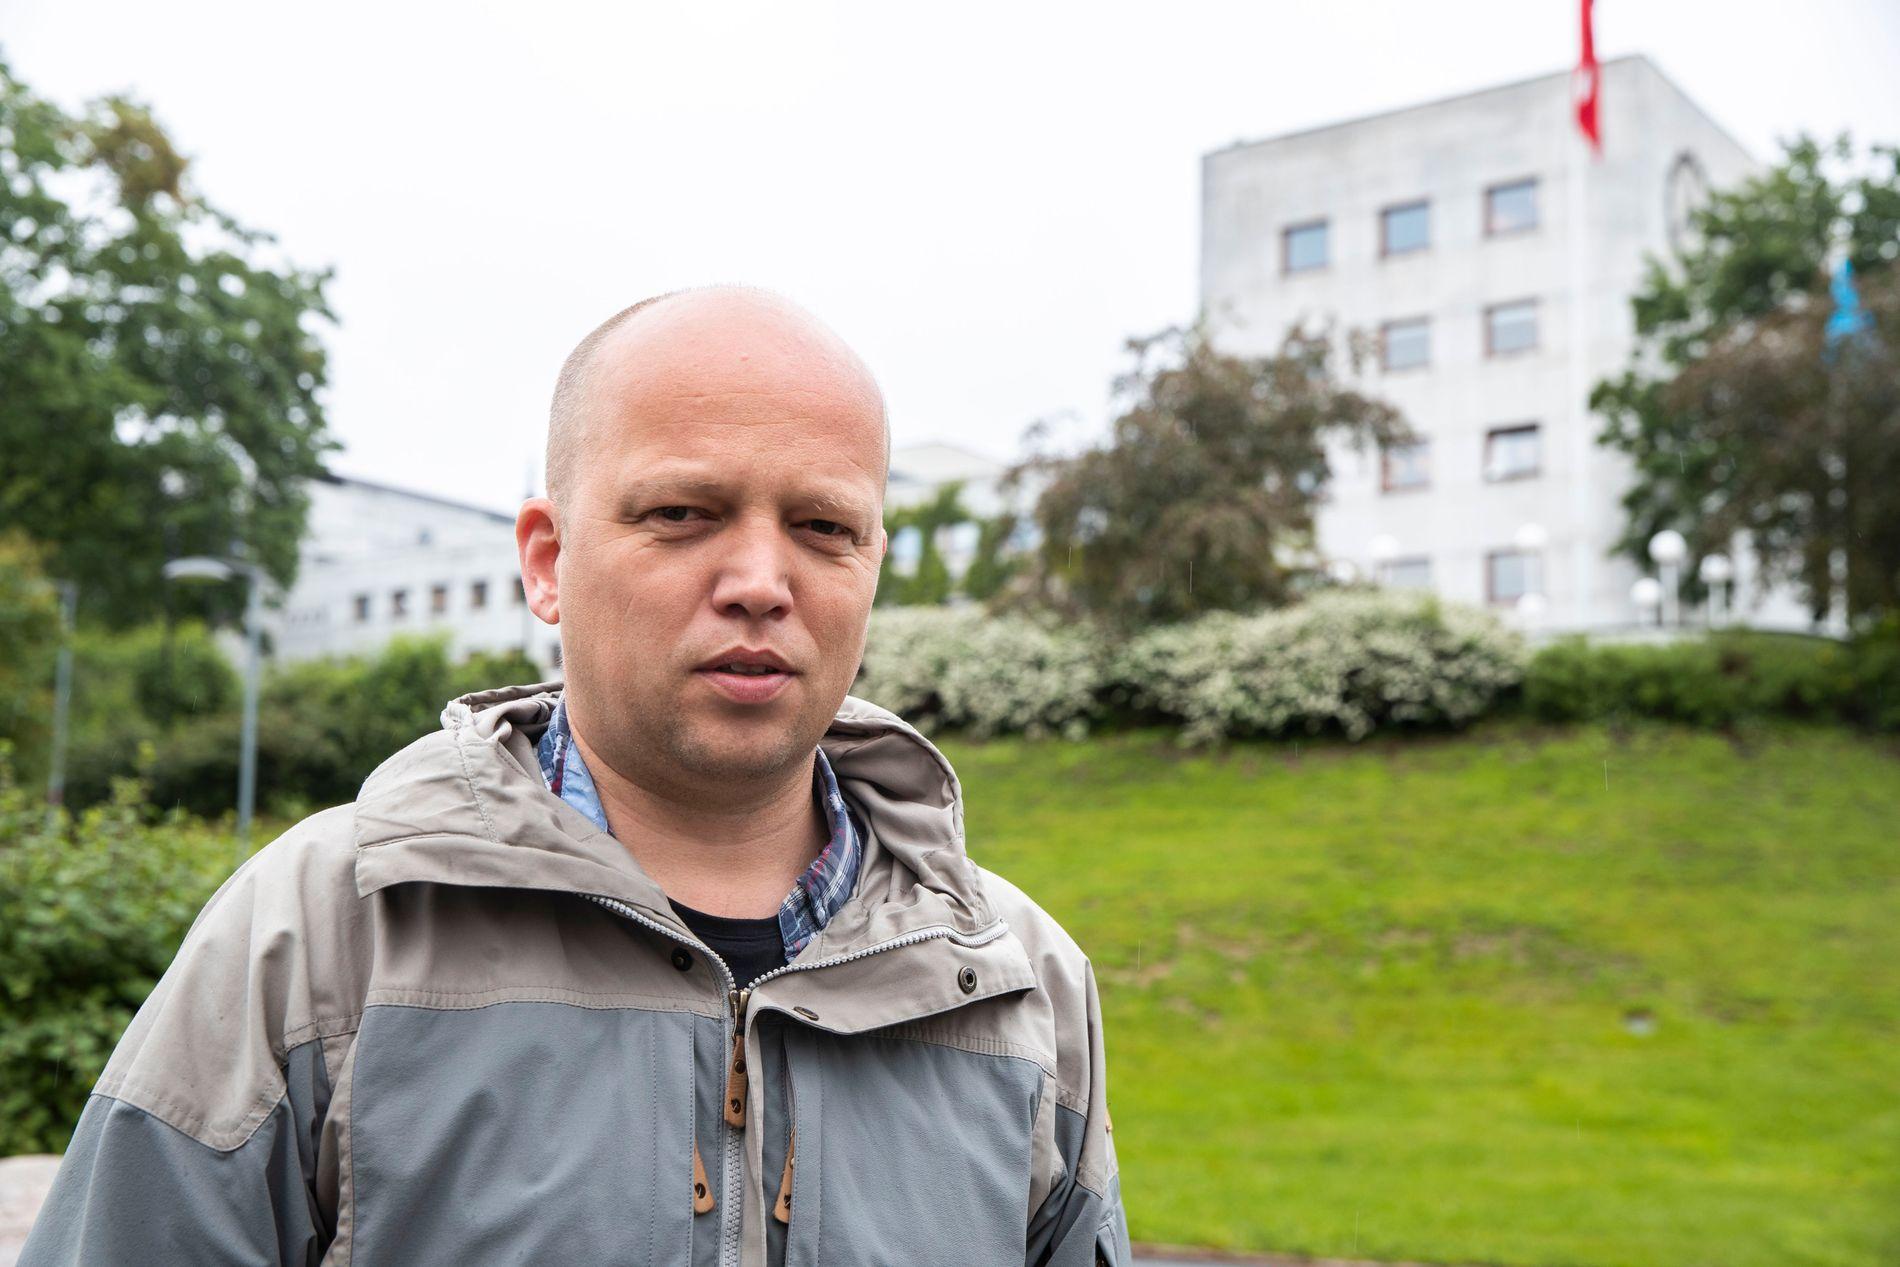 «HISTORIELØST»: Sp-leder Trygve Slagsvold Vedum sier det er historieløst av NRK å flytte fra de unike bygningene i bakgrunnen, på Marienlyst i Oslo.